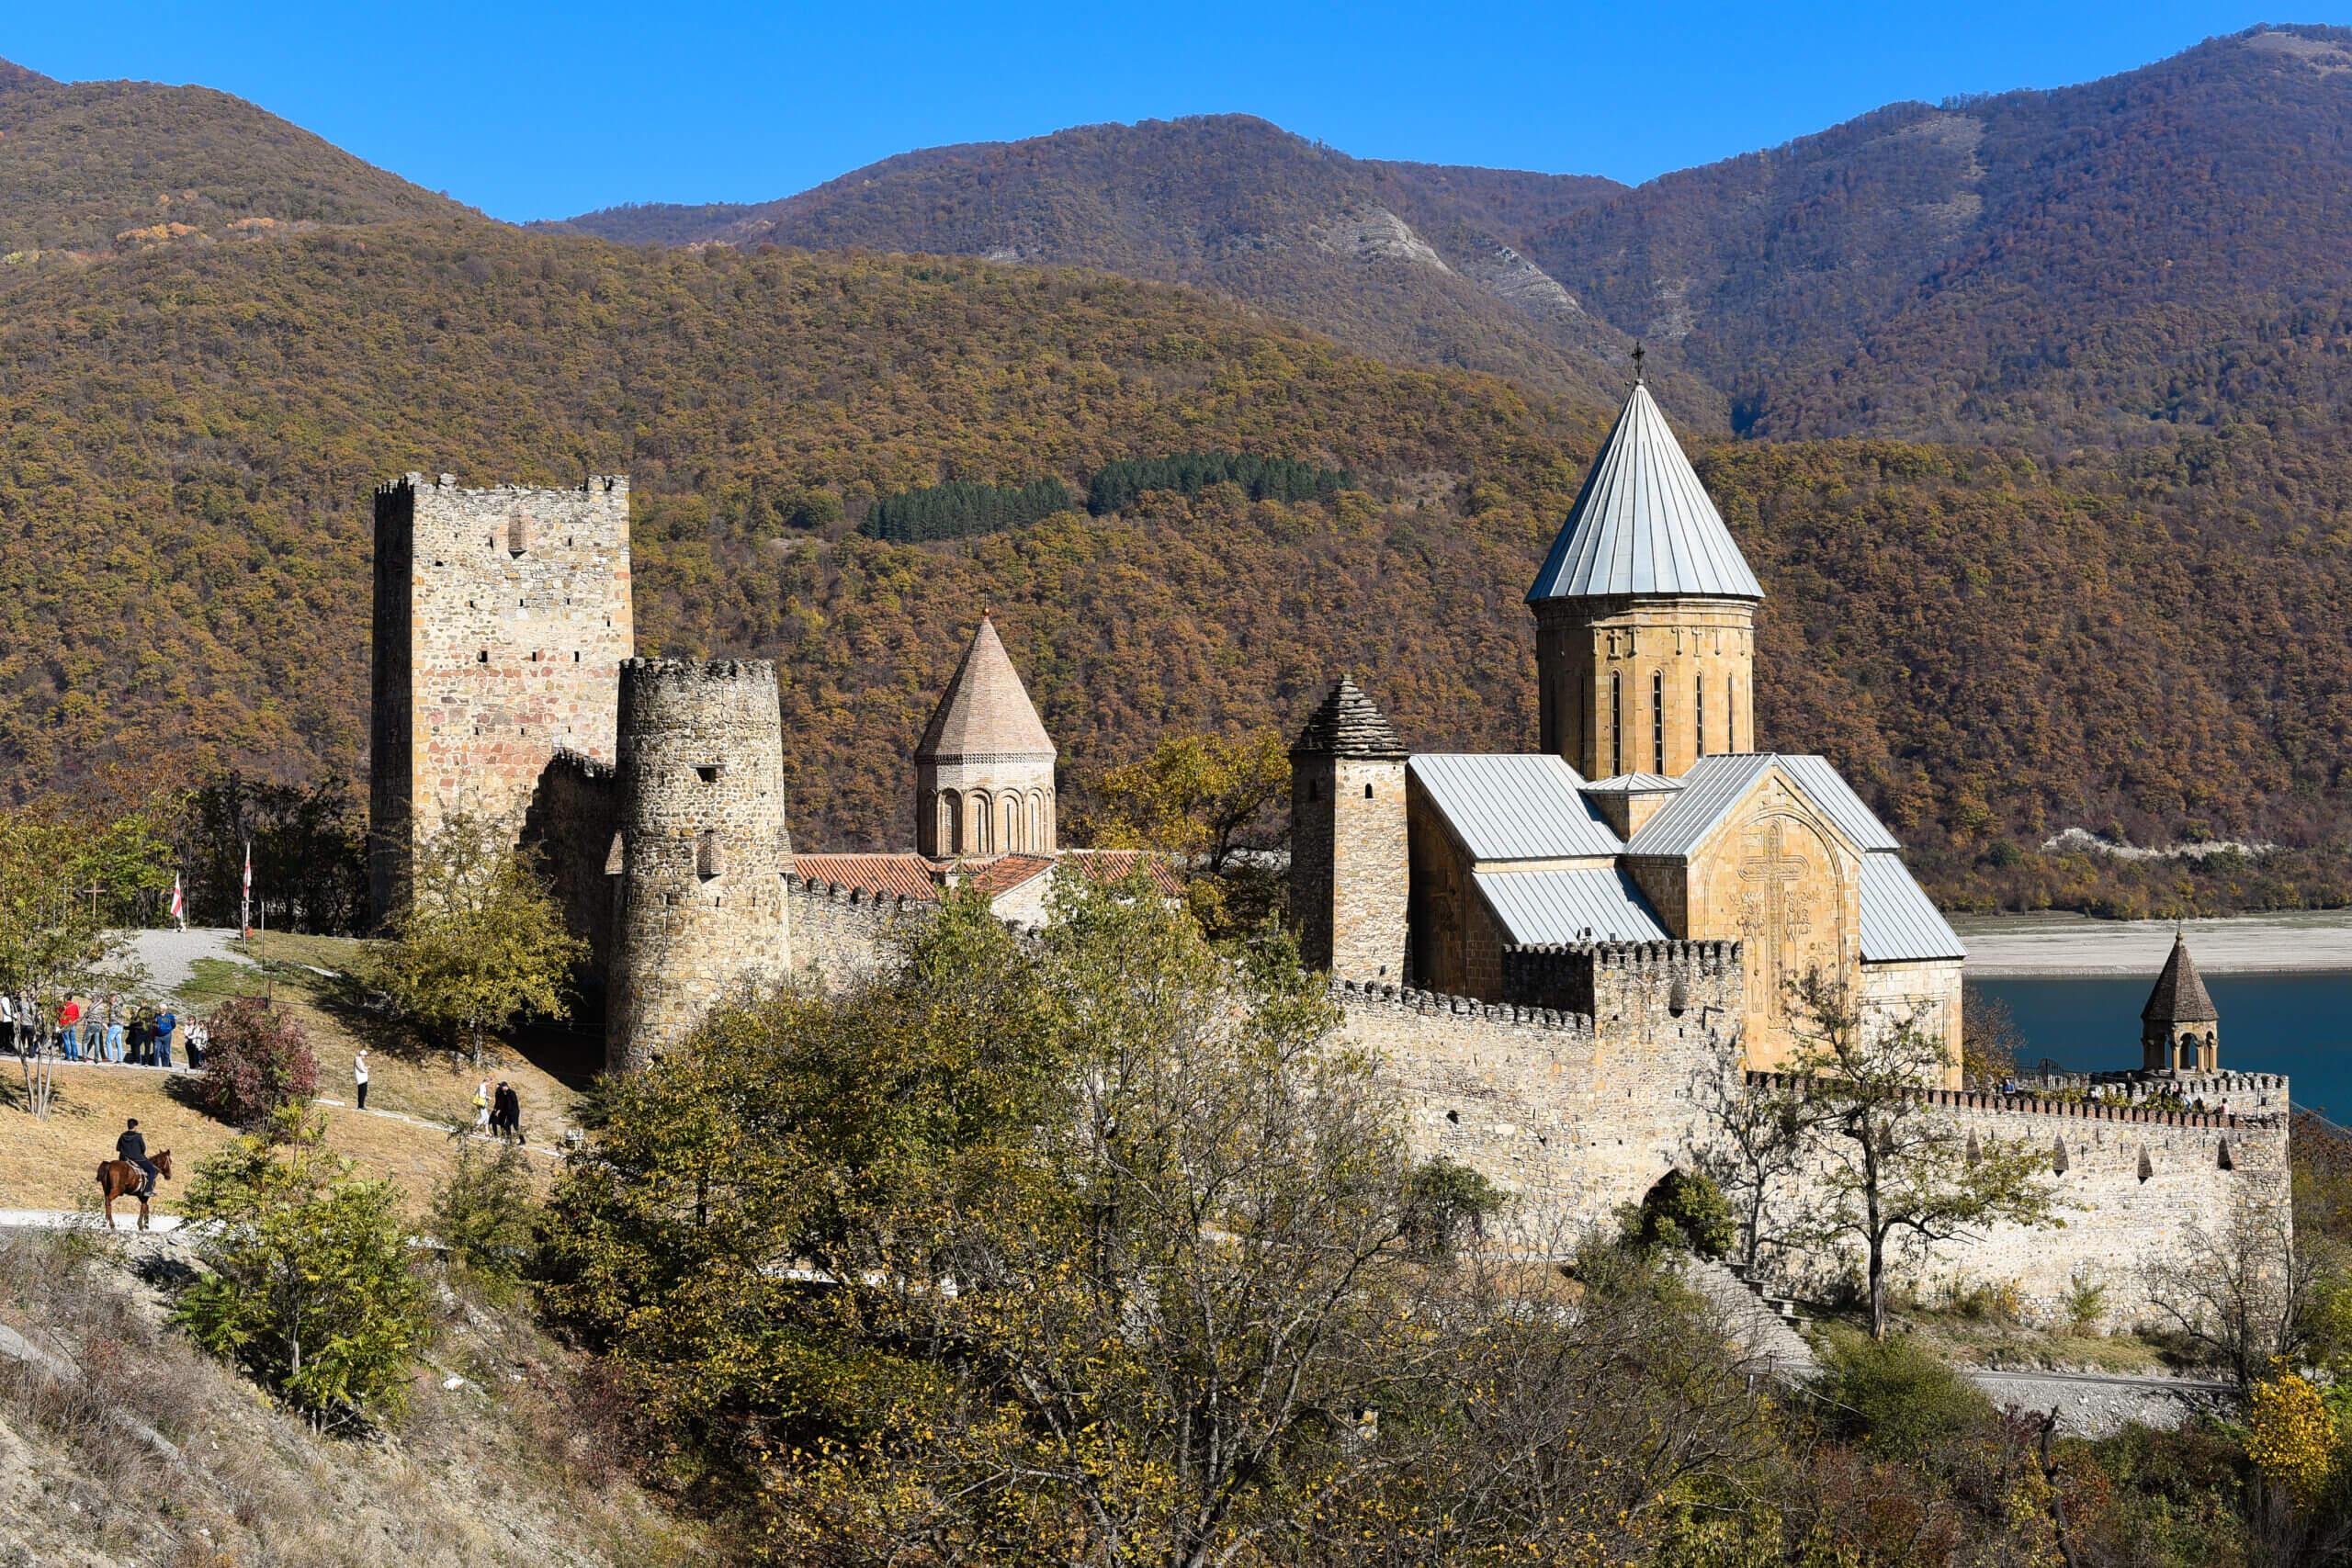 6 - גיאורגיה בסתיו - המלצה לטיול סובב טביליסי